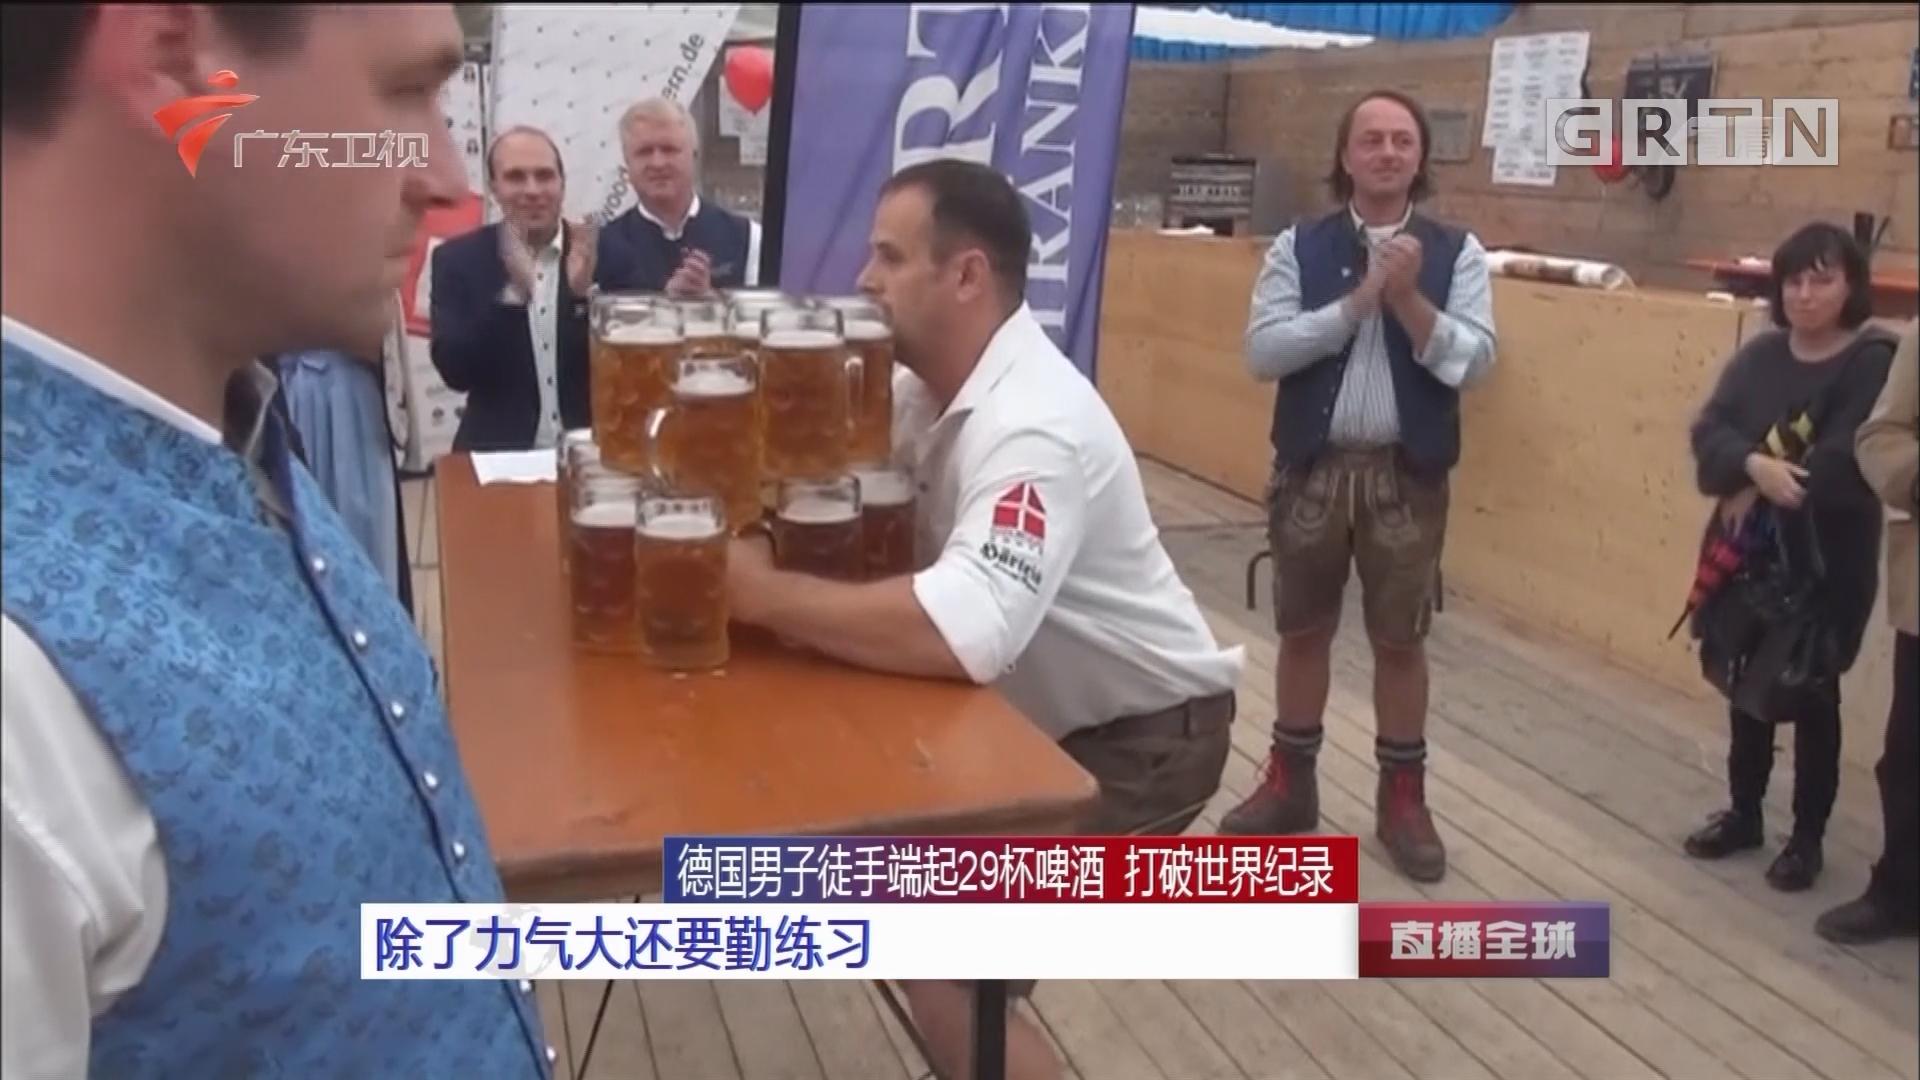 德国男子徒手端起29杯啤酒 打破世界纪录 除了力气大还要勤练习